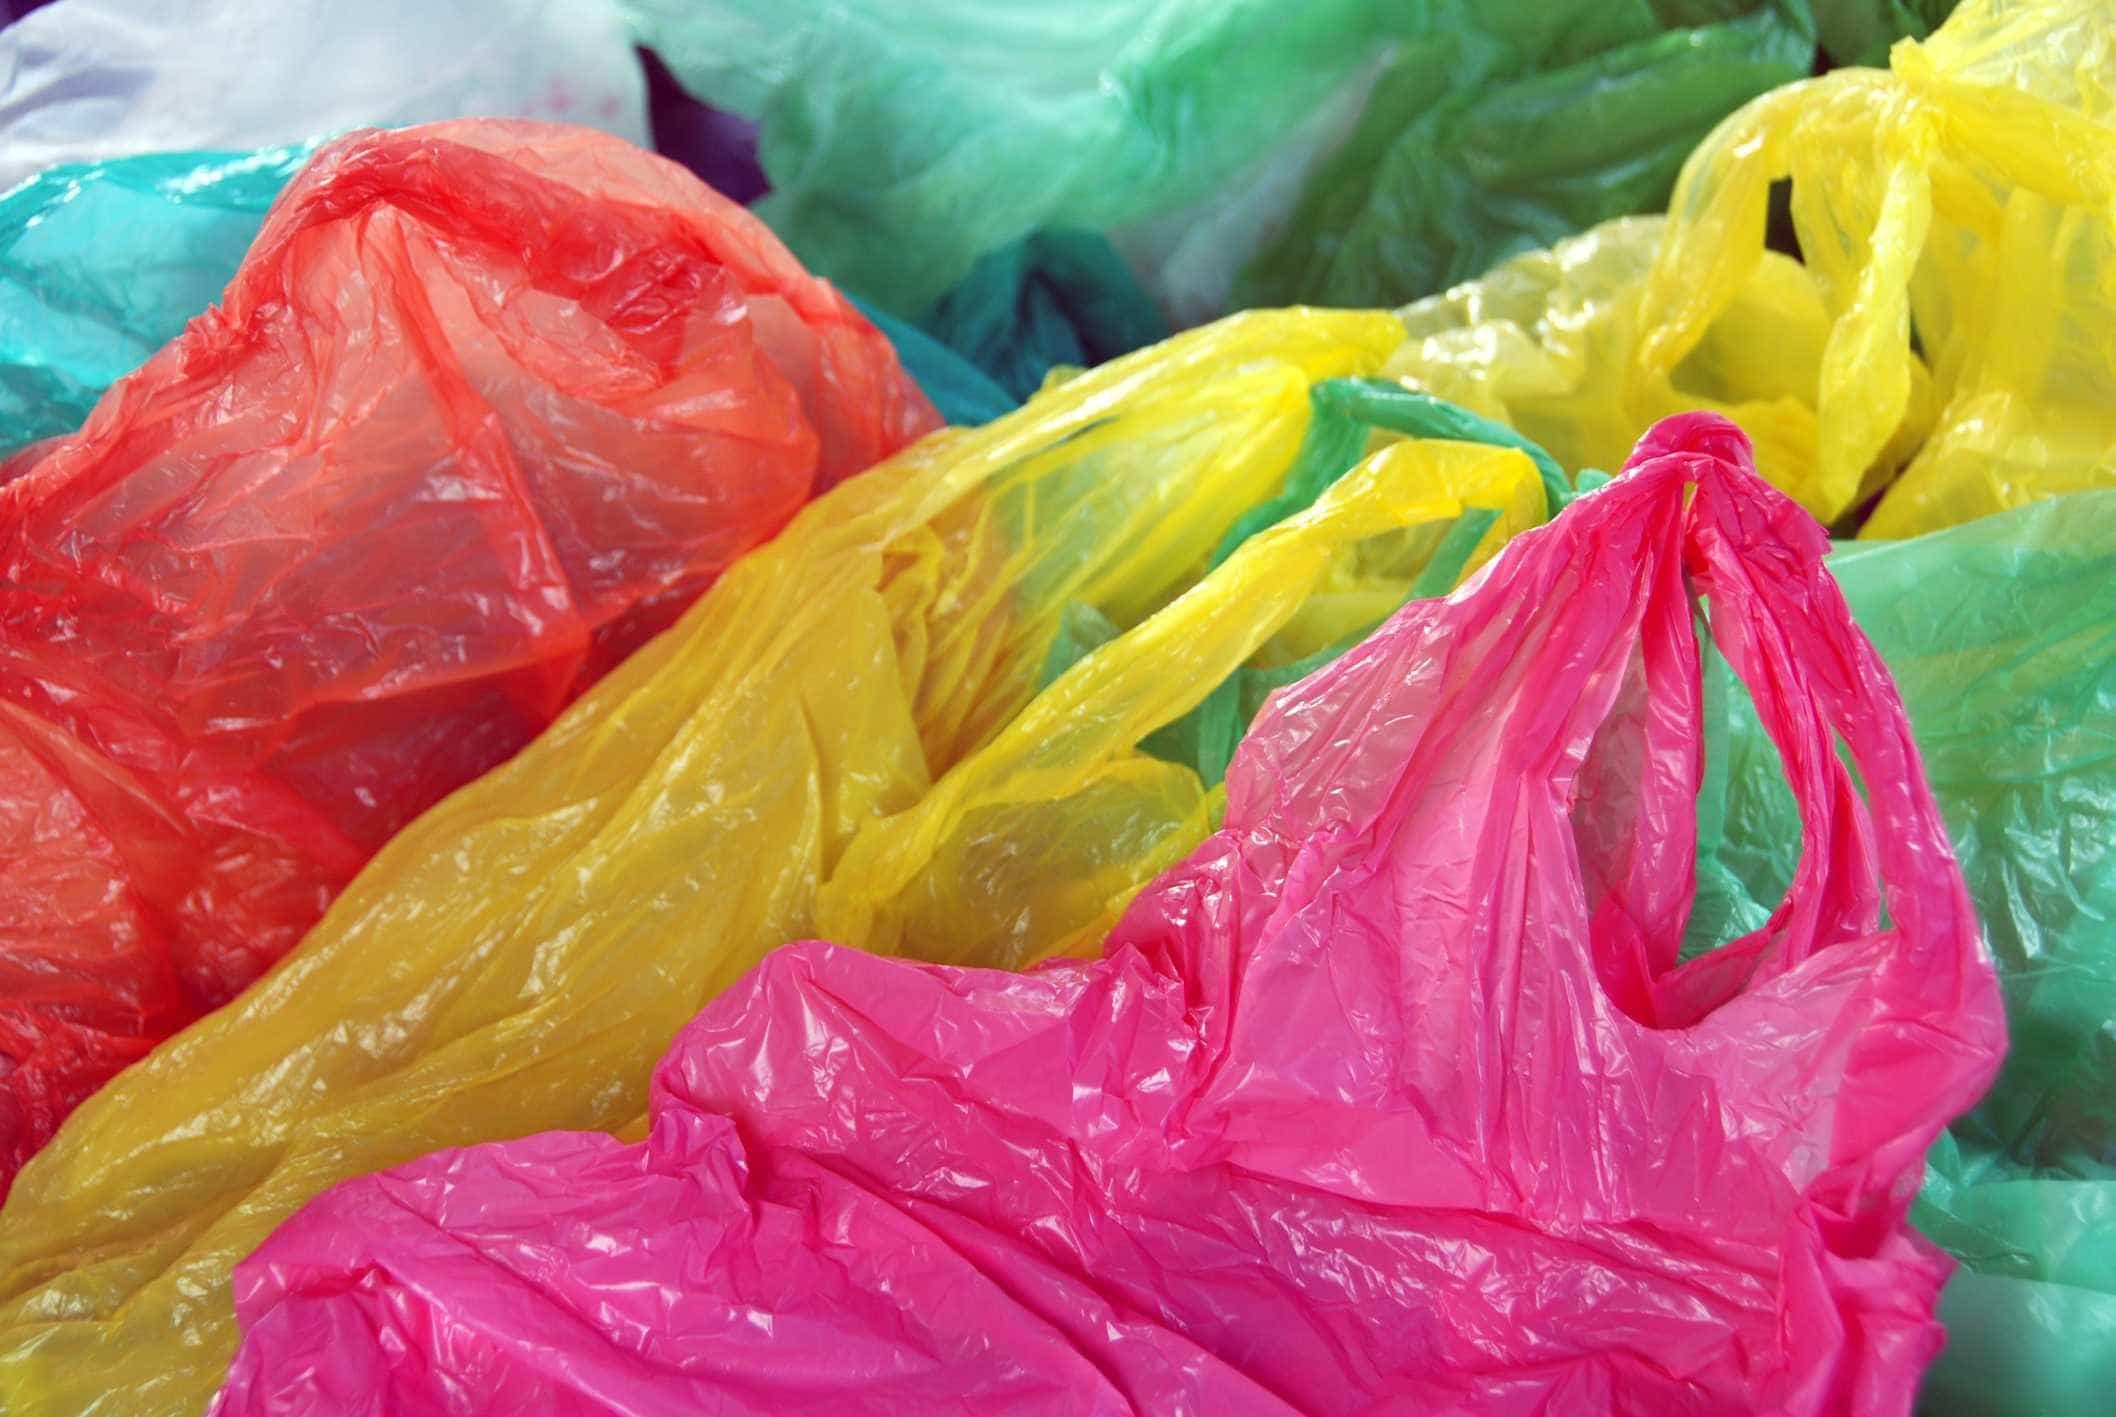 Governo quer aumentar para 12 cêntimos contribuição dos sacos de plástico